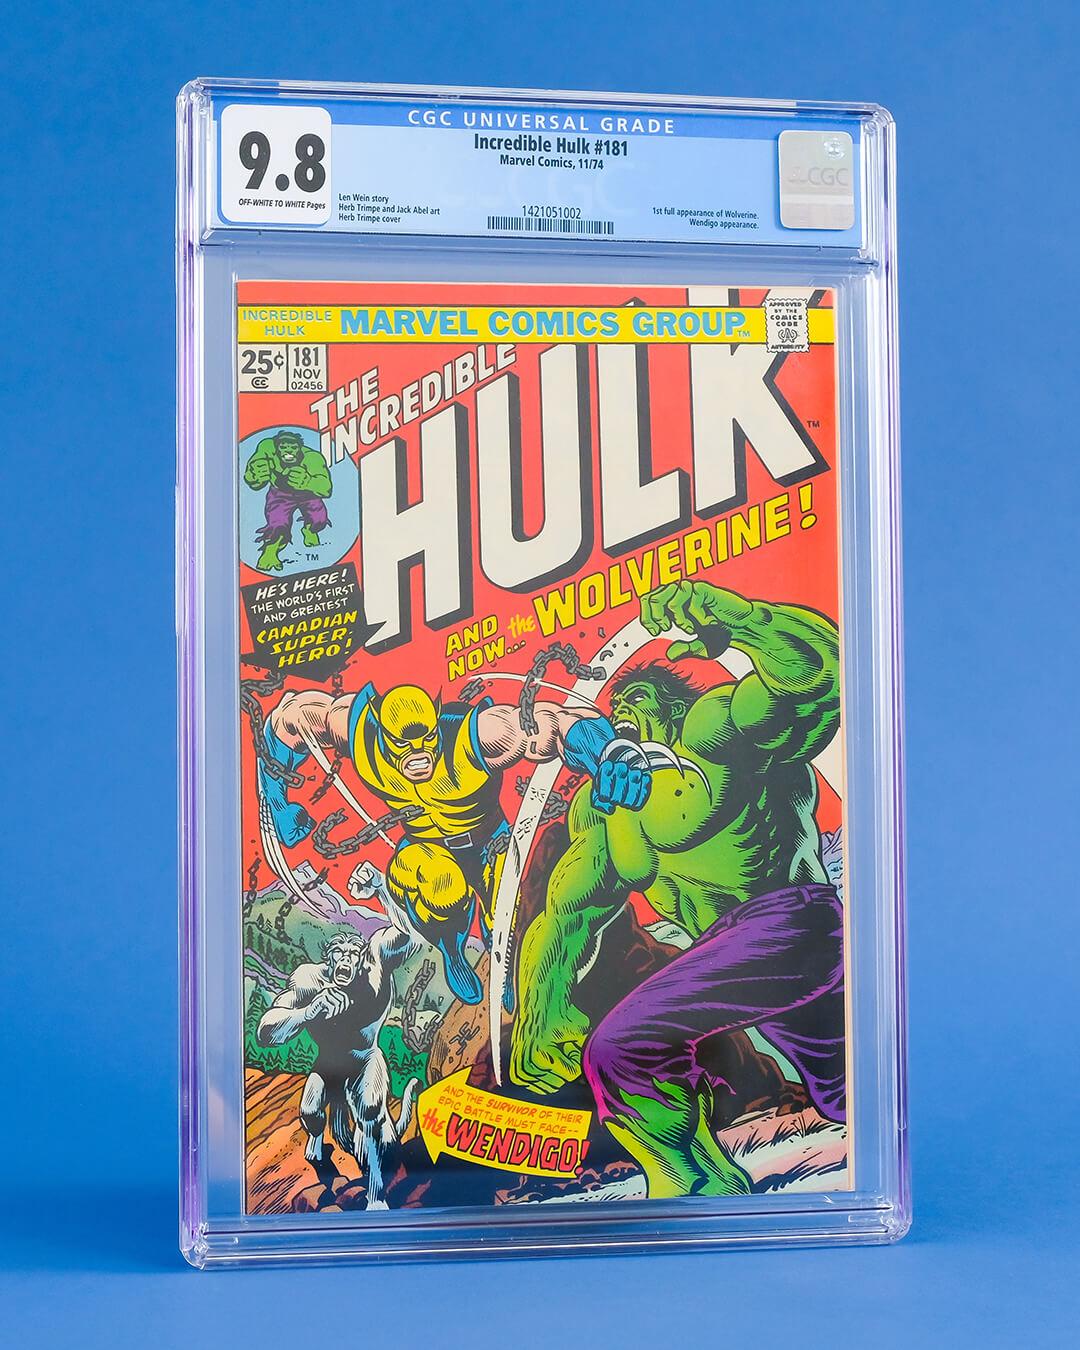 The Incredible Hulk #181 (CGC 9.8)